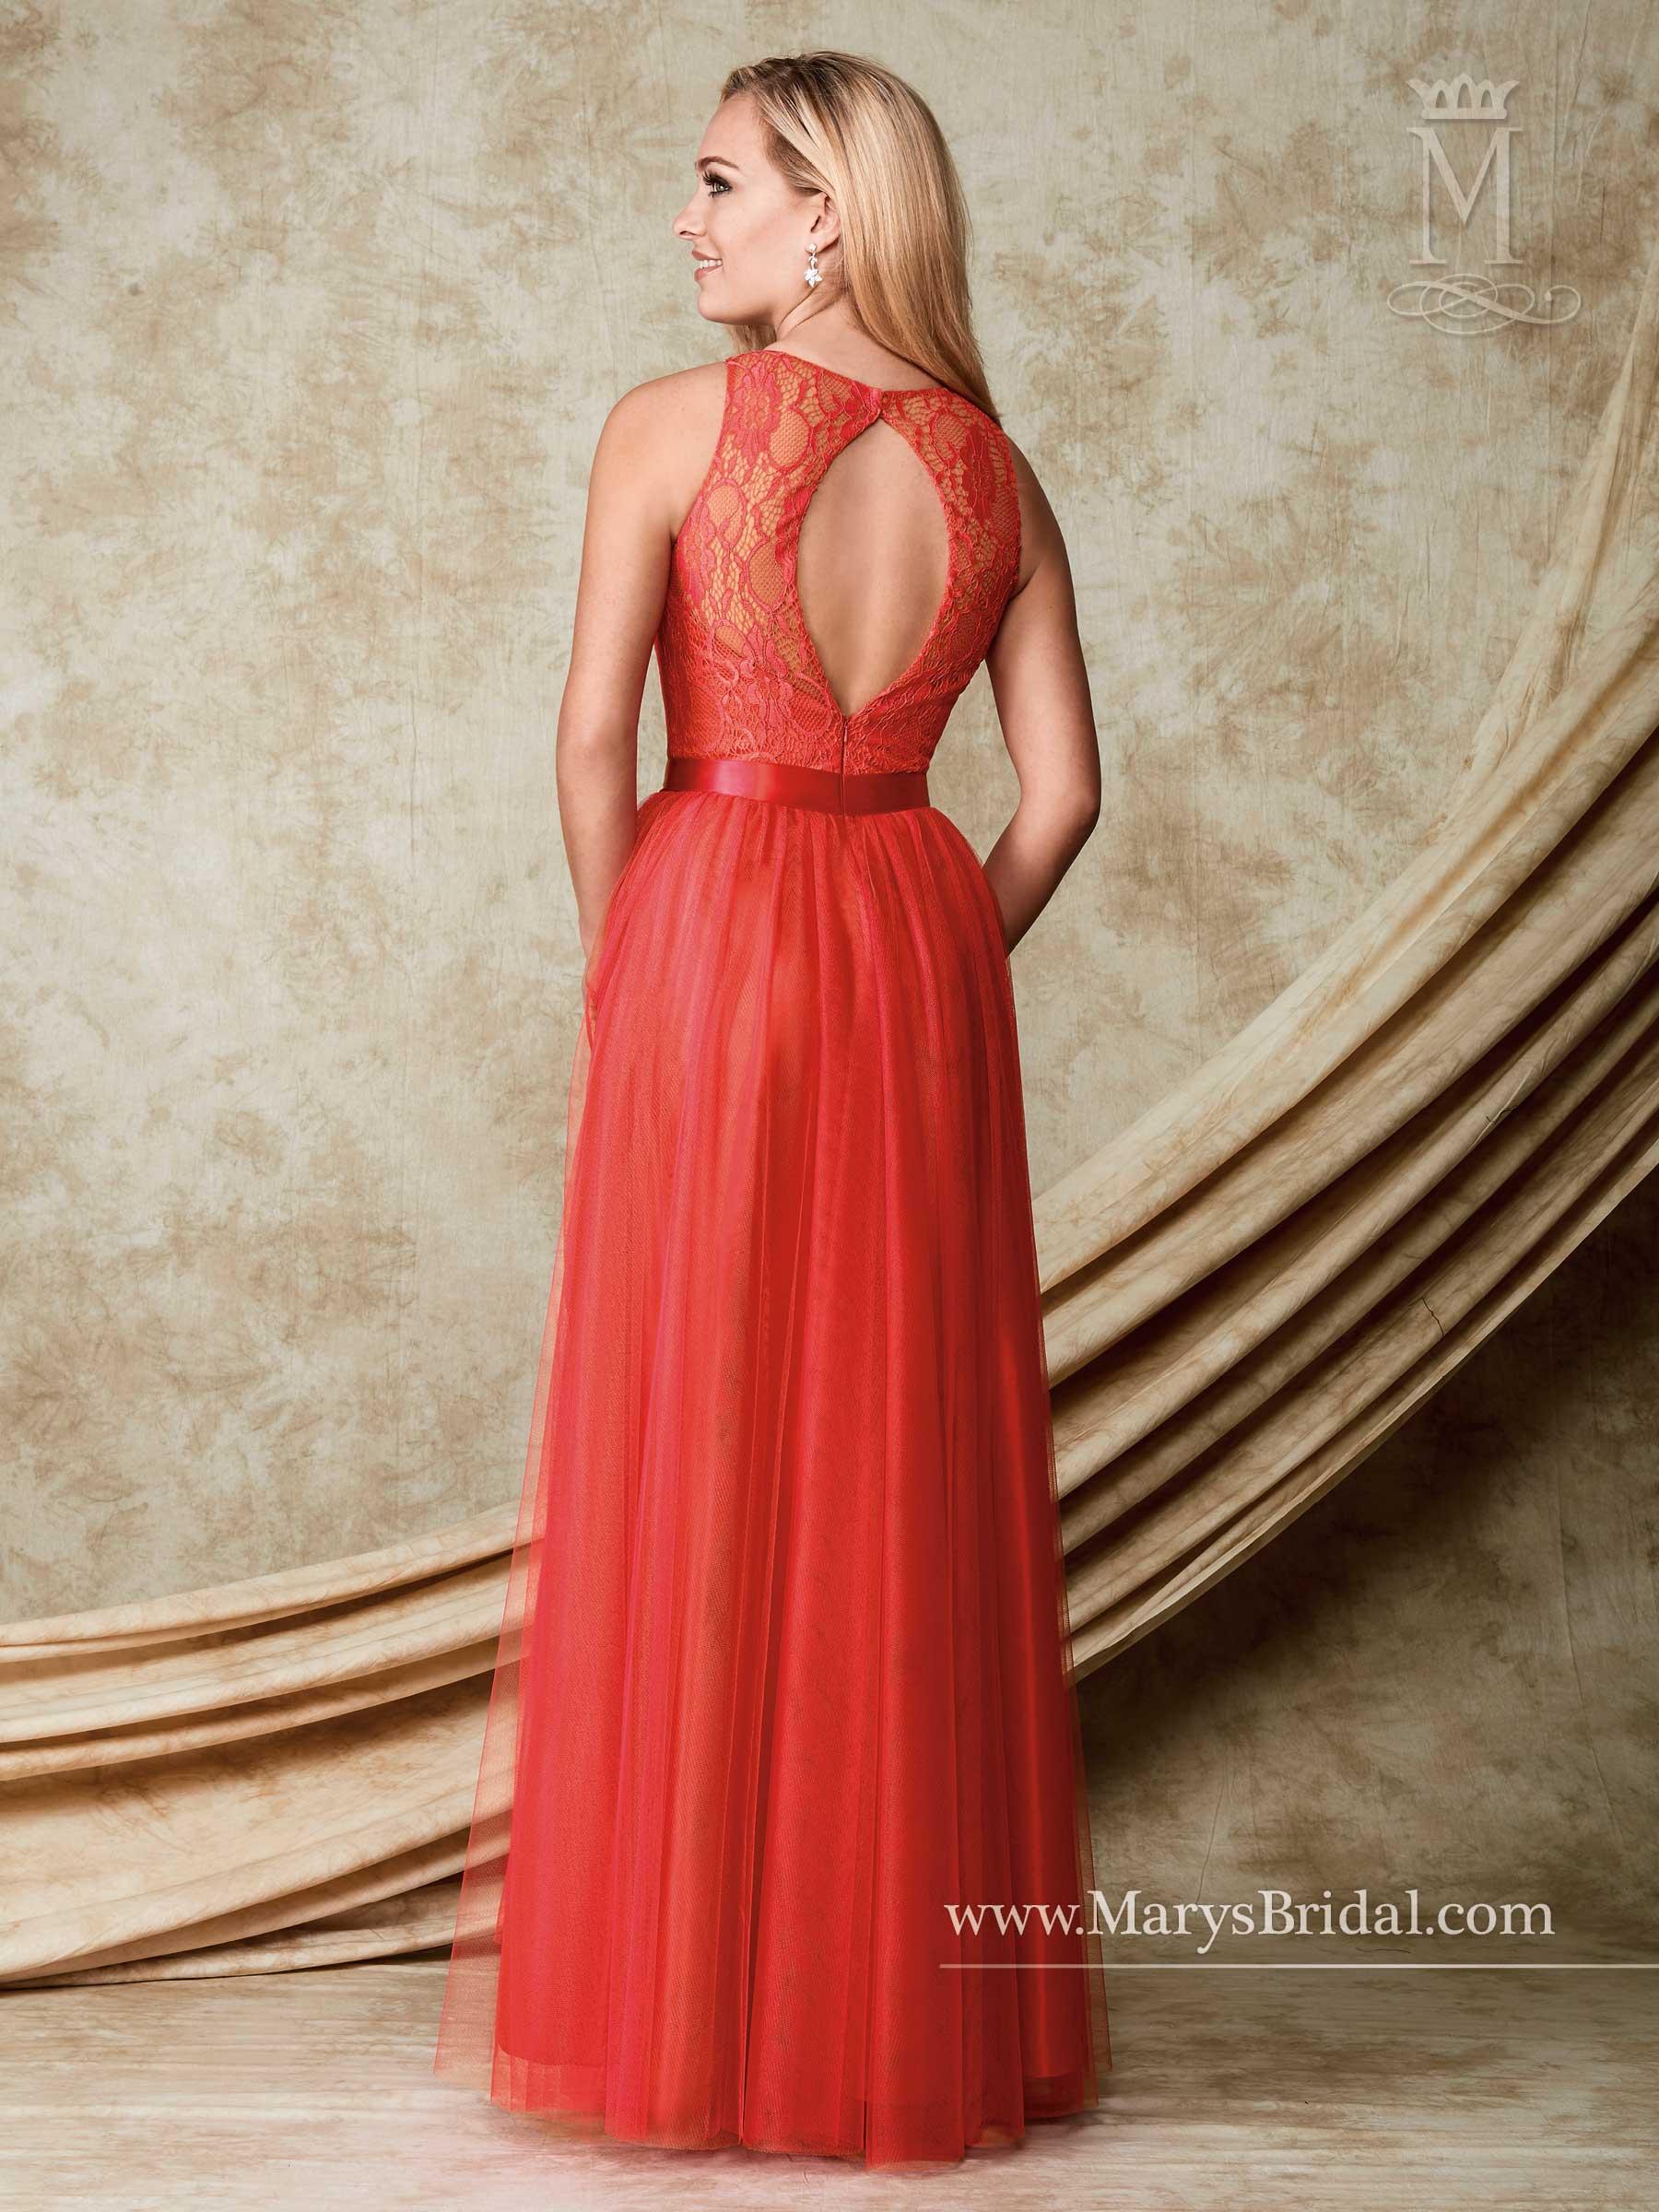 Amalia Bridesmaid Dresses   Amalia   Style - M1818